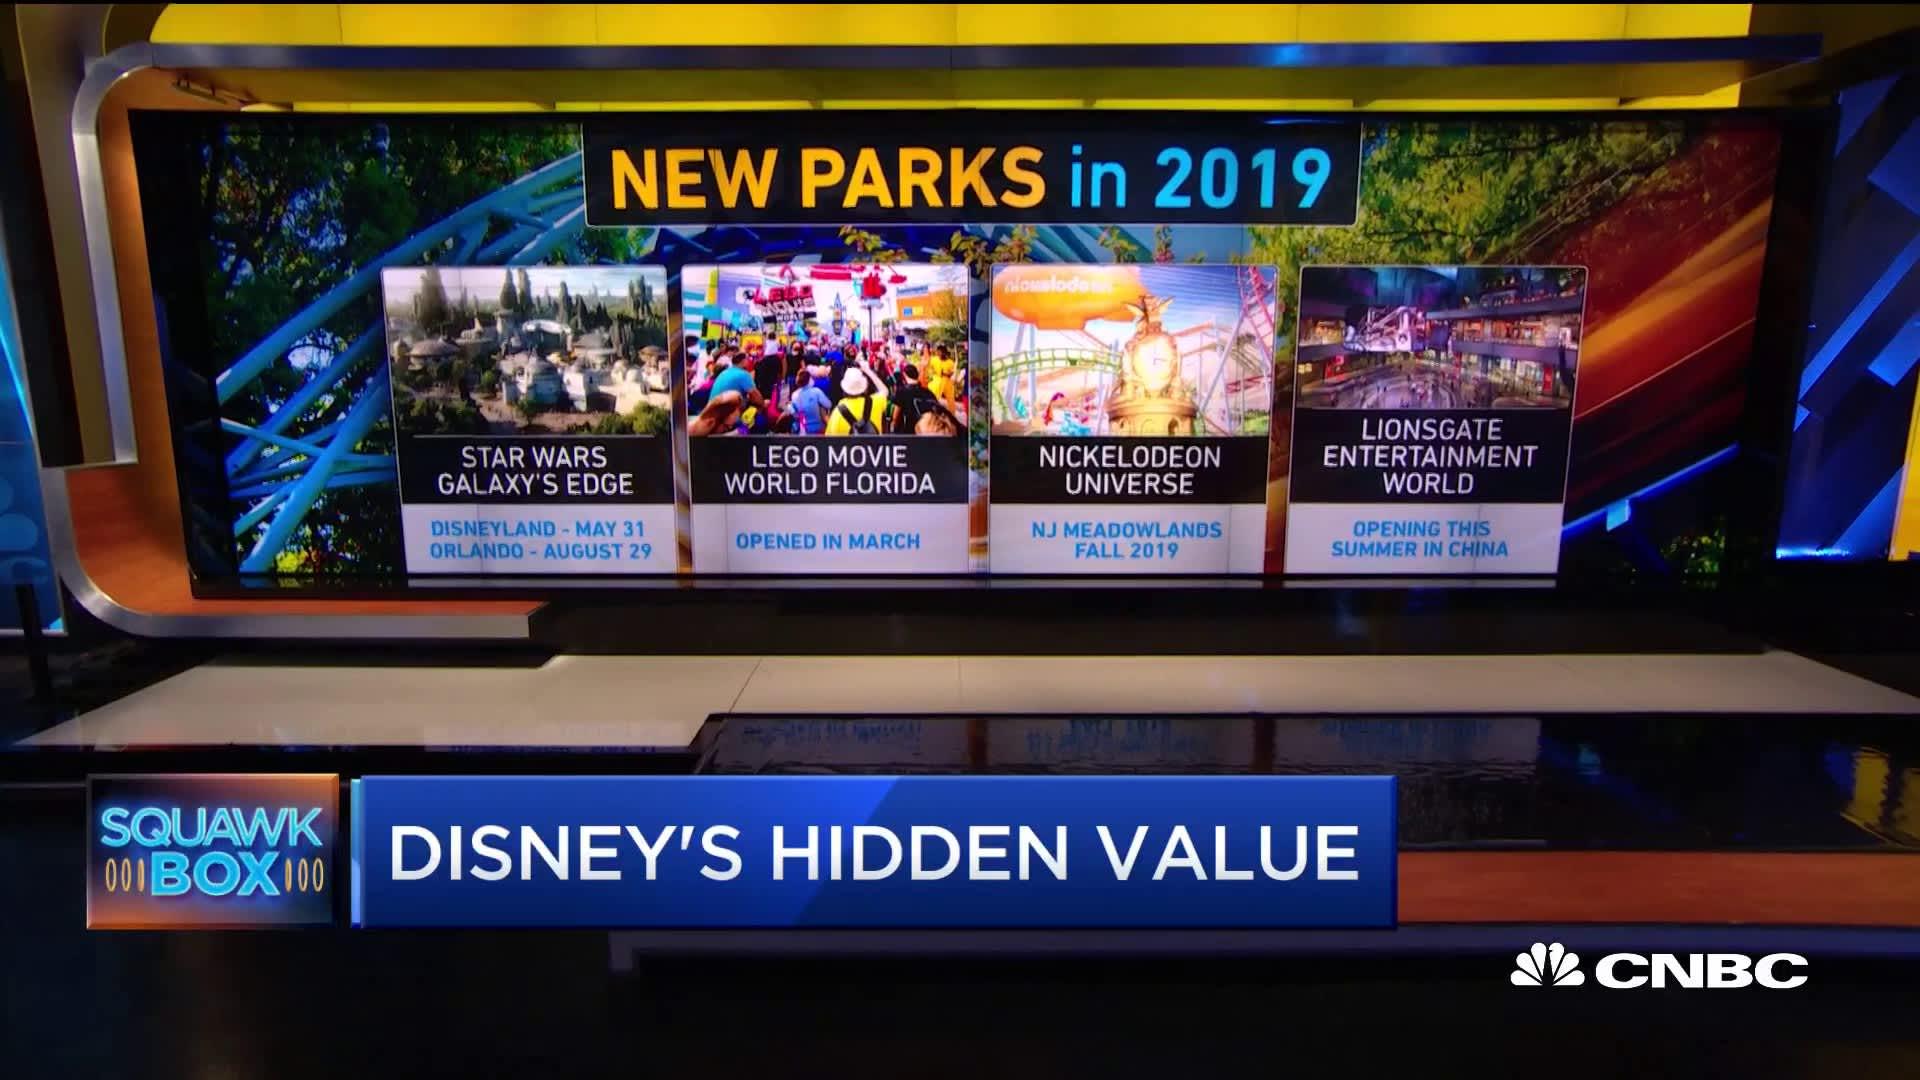 An expert weighs in on Disney's hidden value